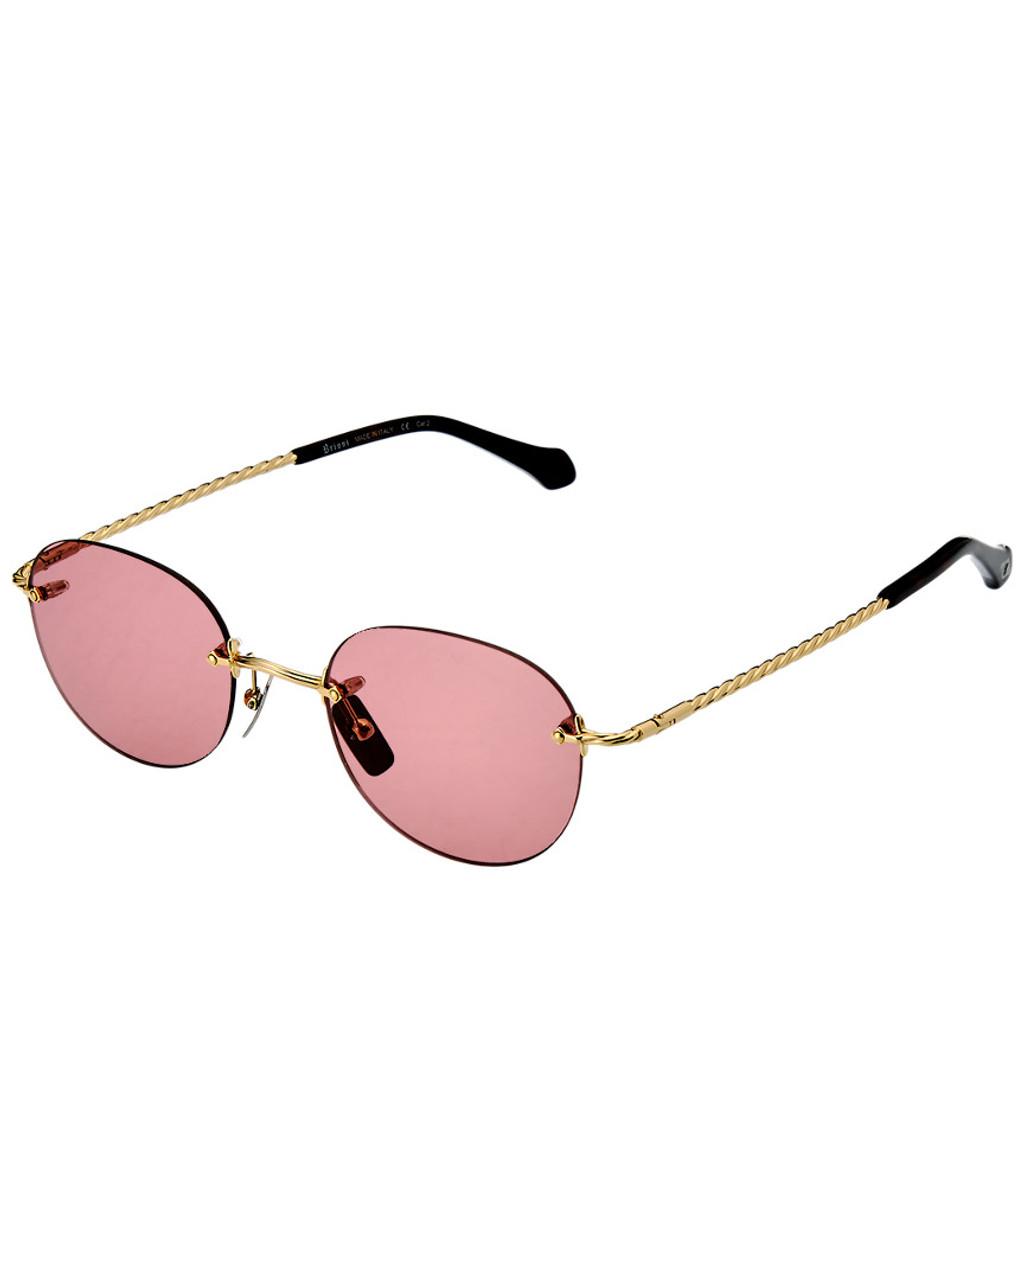 c19a486218da7 Brioni Men s BR0026S 48mm Sunglasses~1111848007 - Herbergers